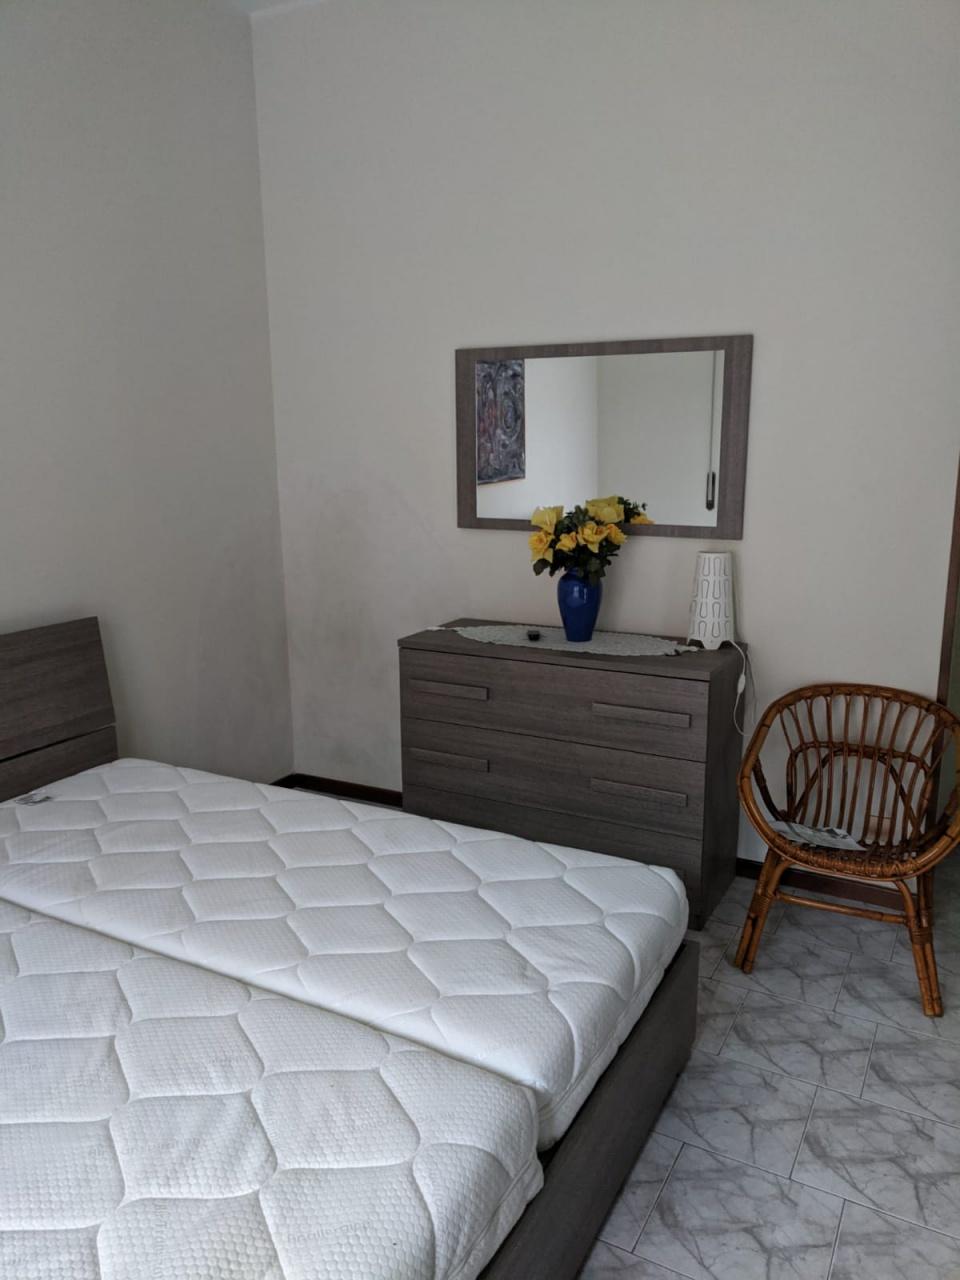 Appartamento STRADELLA 21.35